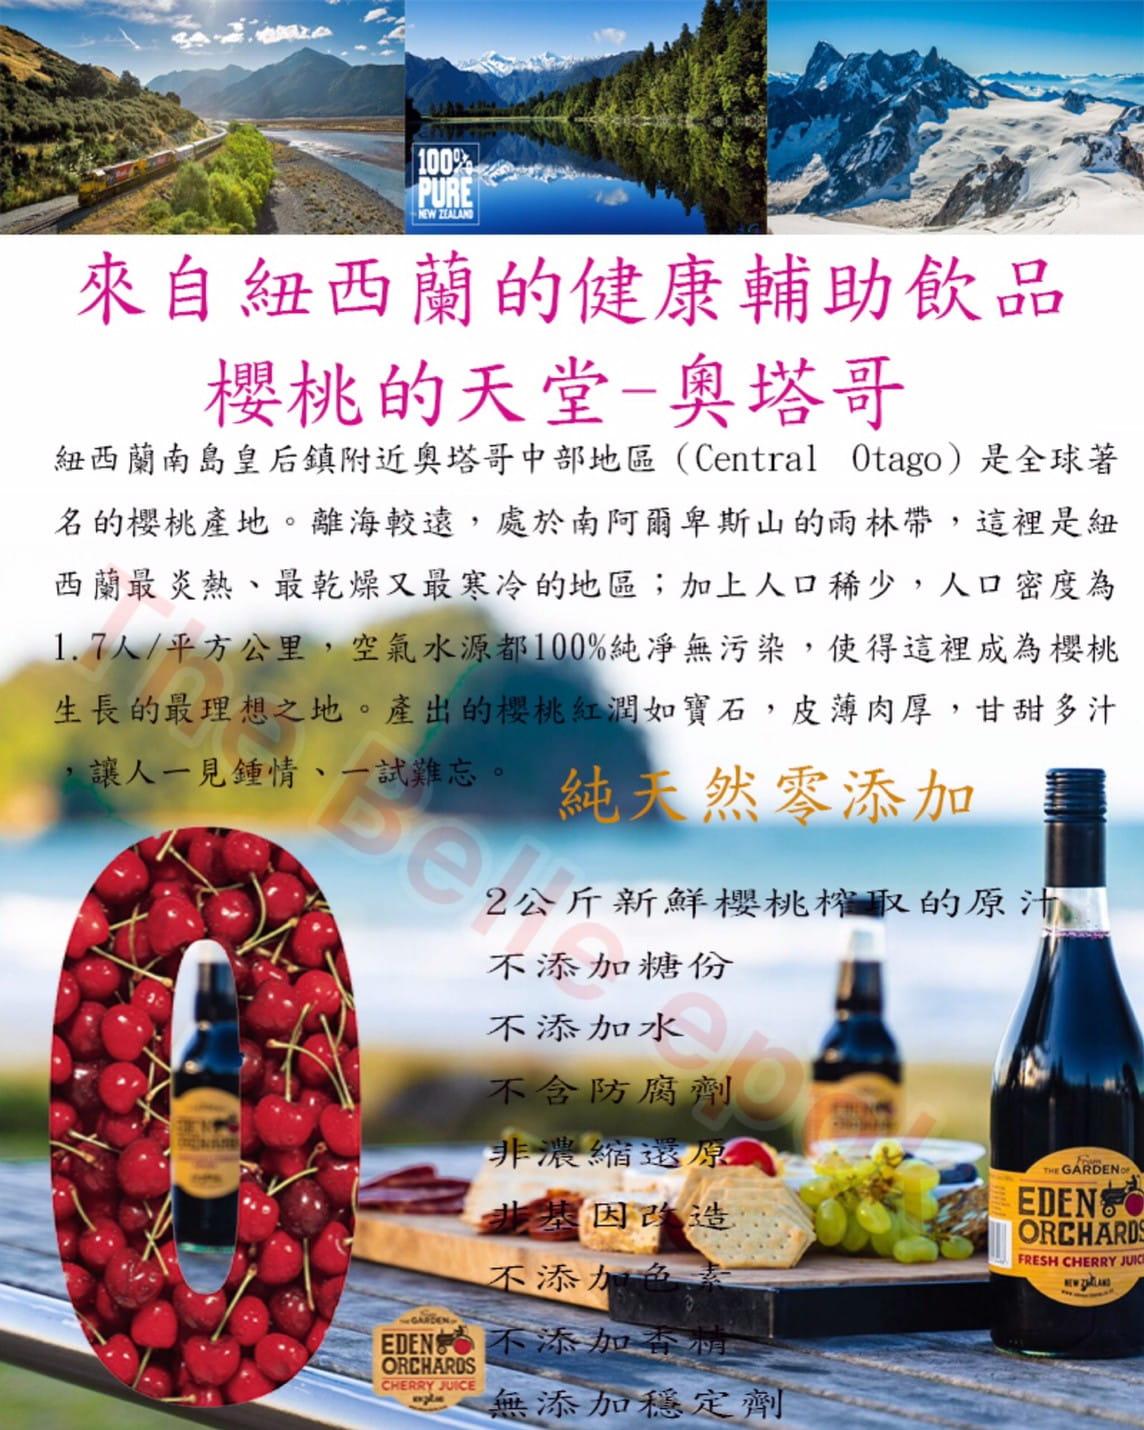 紐西蘭進口-伊甸莊園100%櫻桃汁,100%藍莓汁,綜合果汁 果汁飲料運動補給 夏天 養顏美容 9